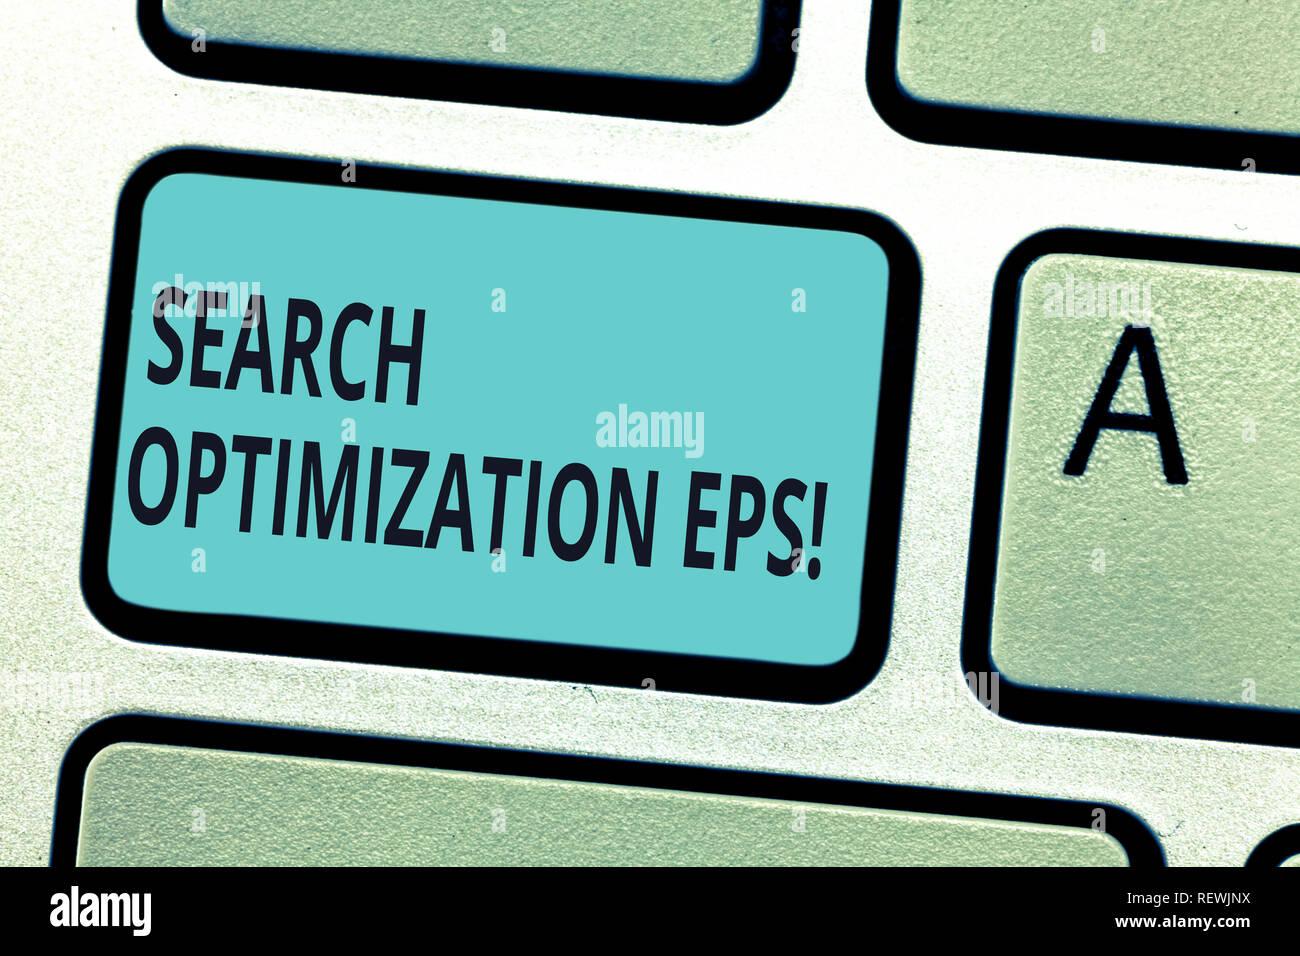 Schreiben Hinweis Übersicht Suche Optimierung Eps. Business foto Präsentation Prozess, die sich auf die Sichtbarkeit einer Website Taste der Tastatur Absicht zu erstellen Stockbild